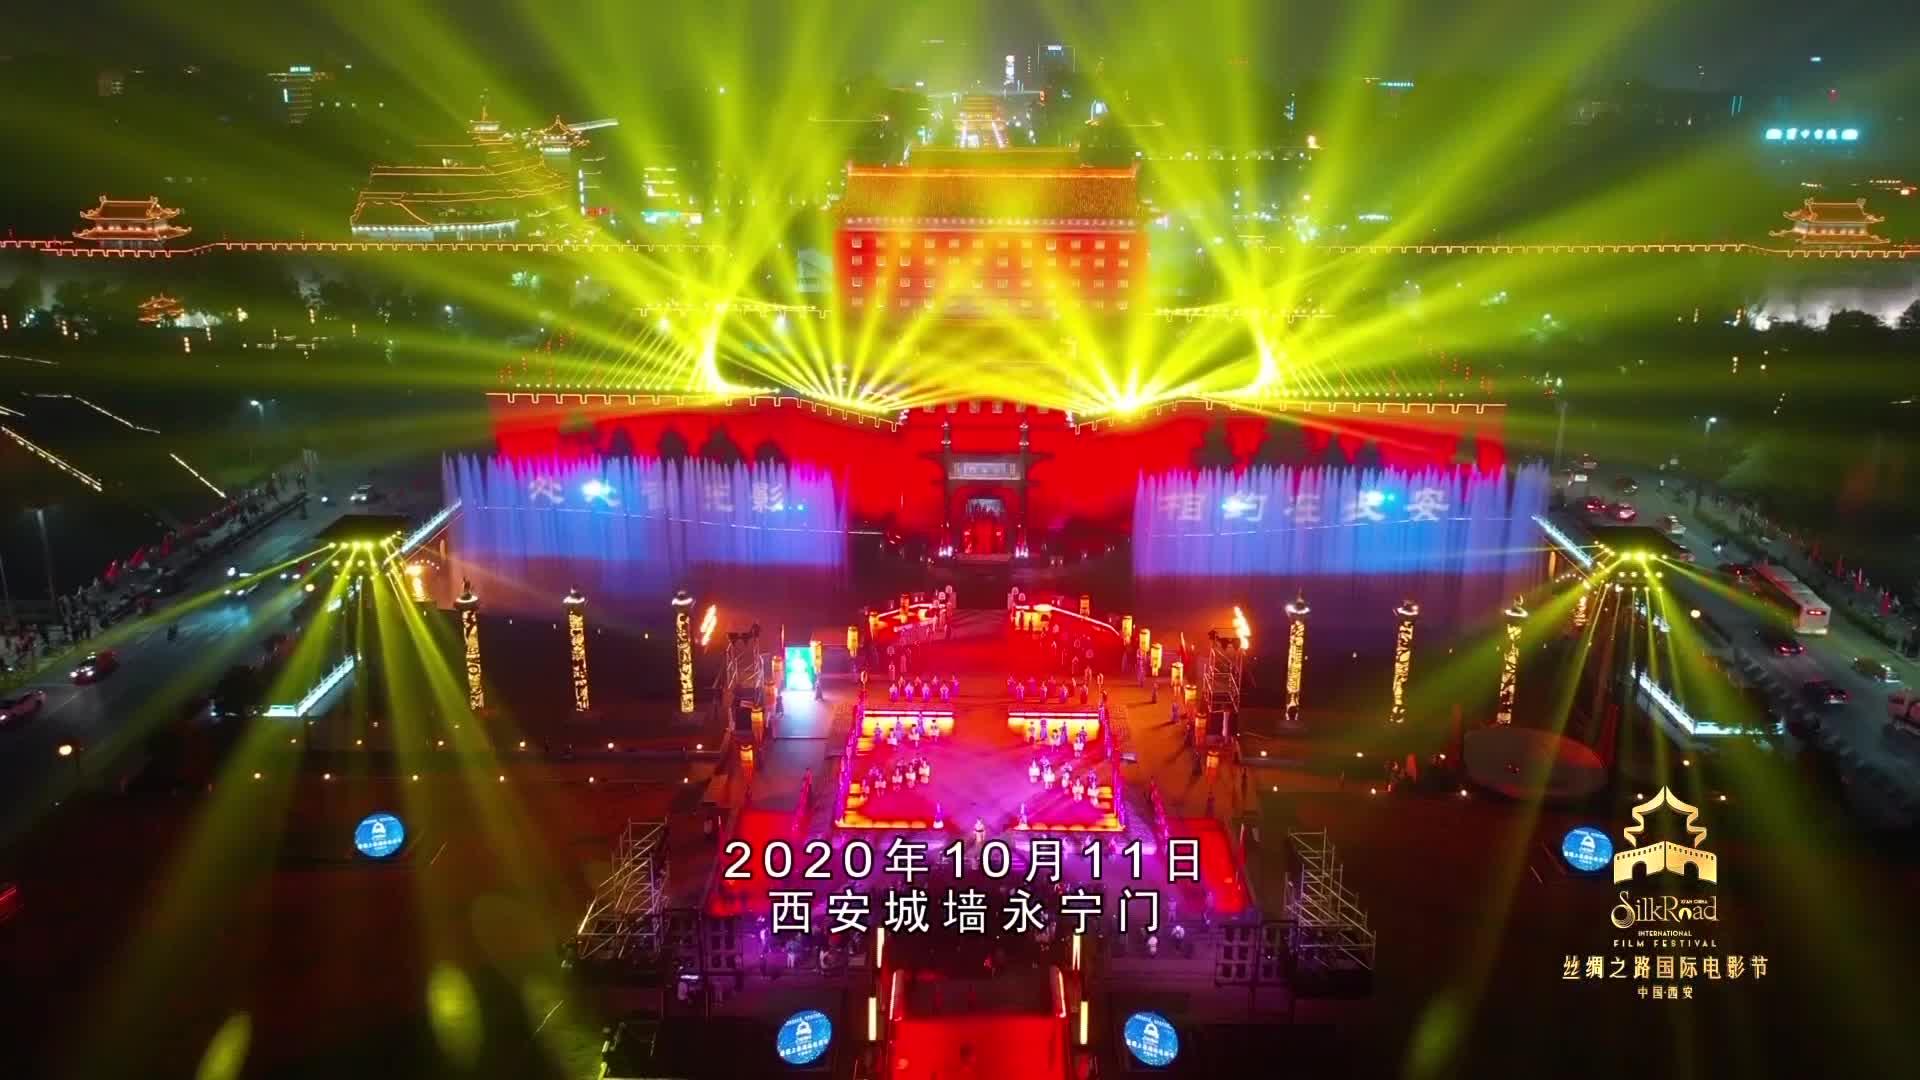 第七届丝绸之路国际电影节特别节目-123小时光影盛宴